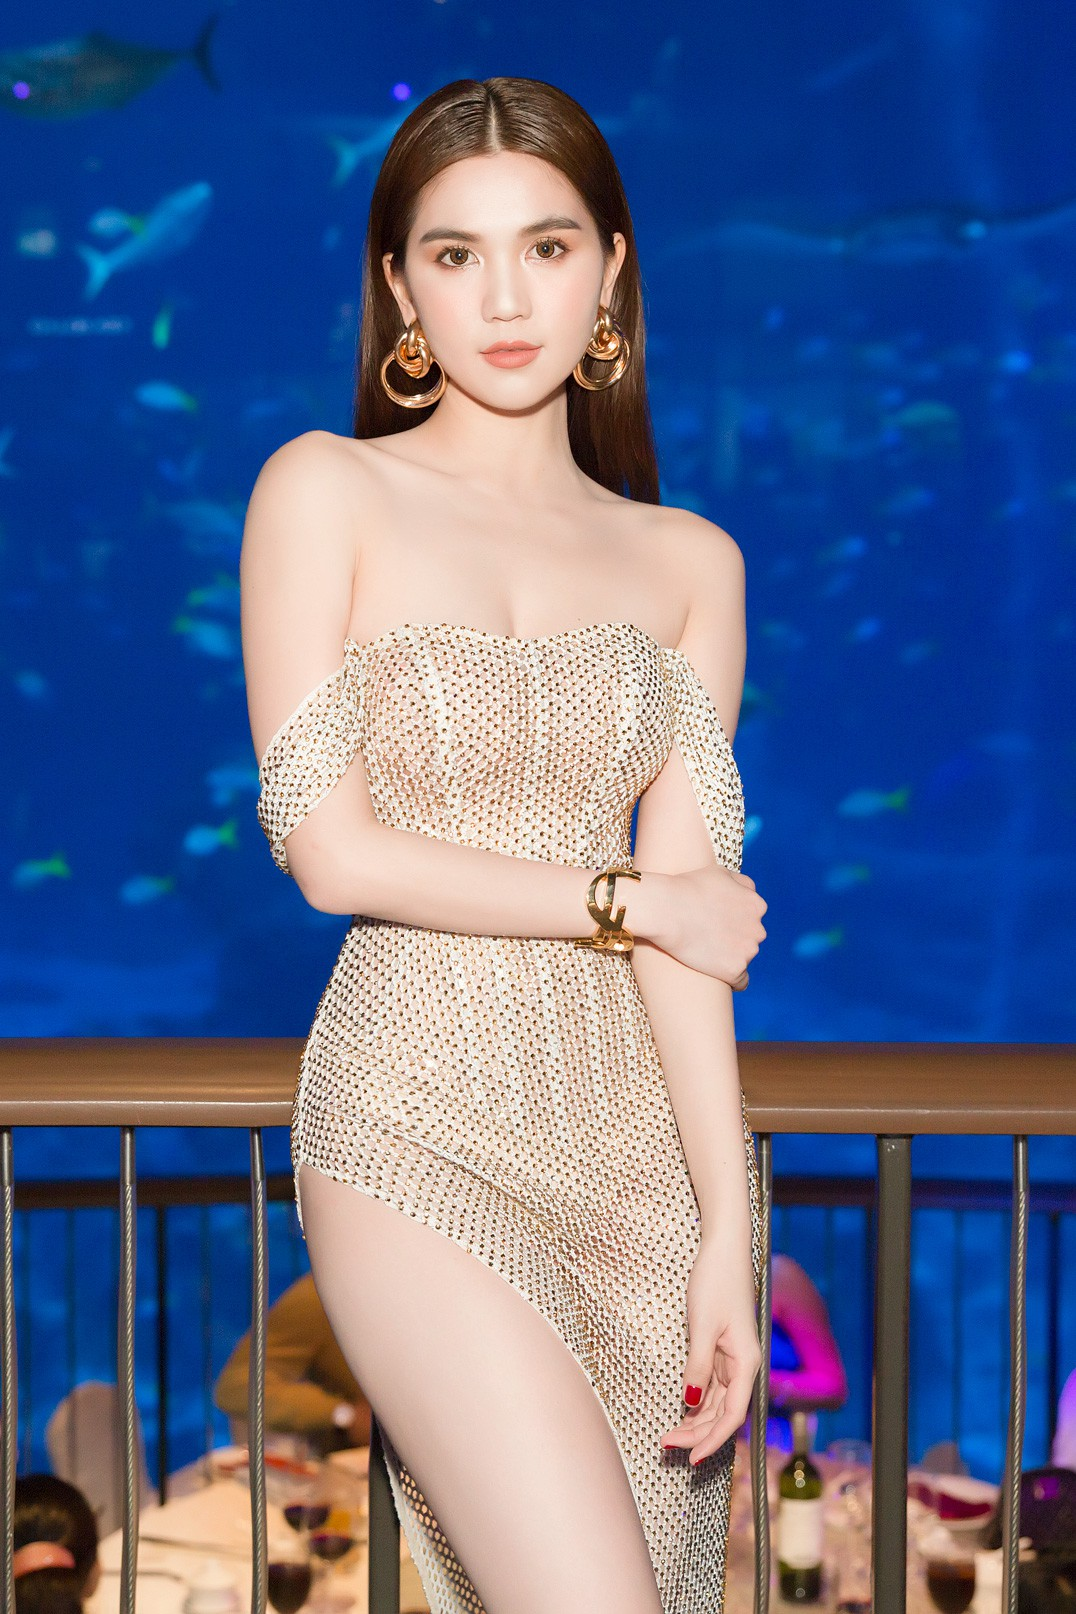 Ngọc Trinh diện váy hở bạo khoe chân dài miên man, chặt đẹp hội chị em tại sự kiện - Ảnh 2.